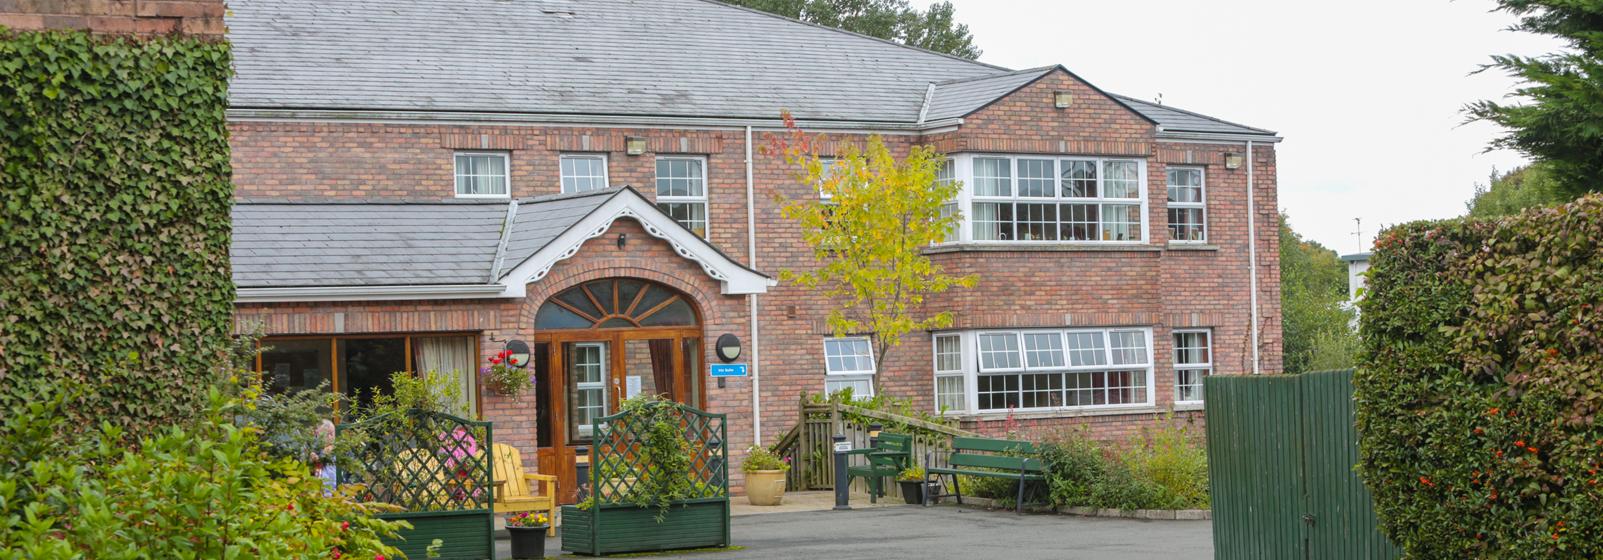 Carewell Homes - Enniskillen